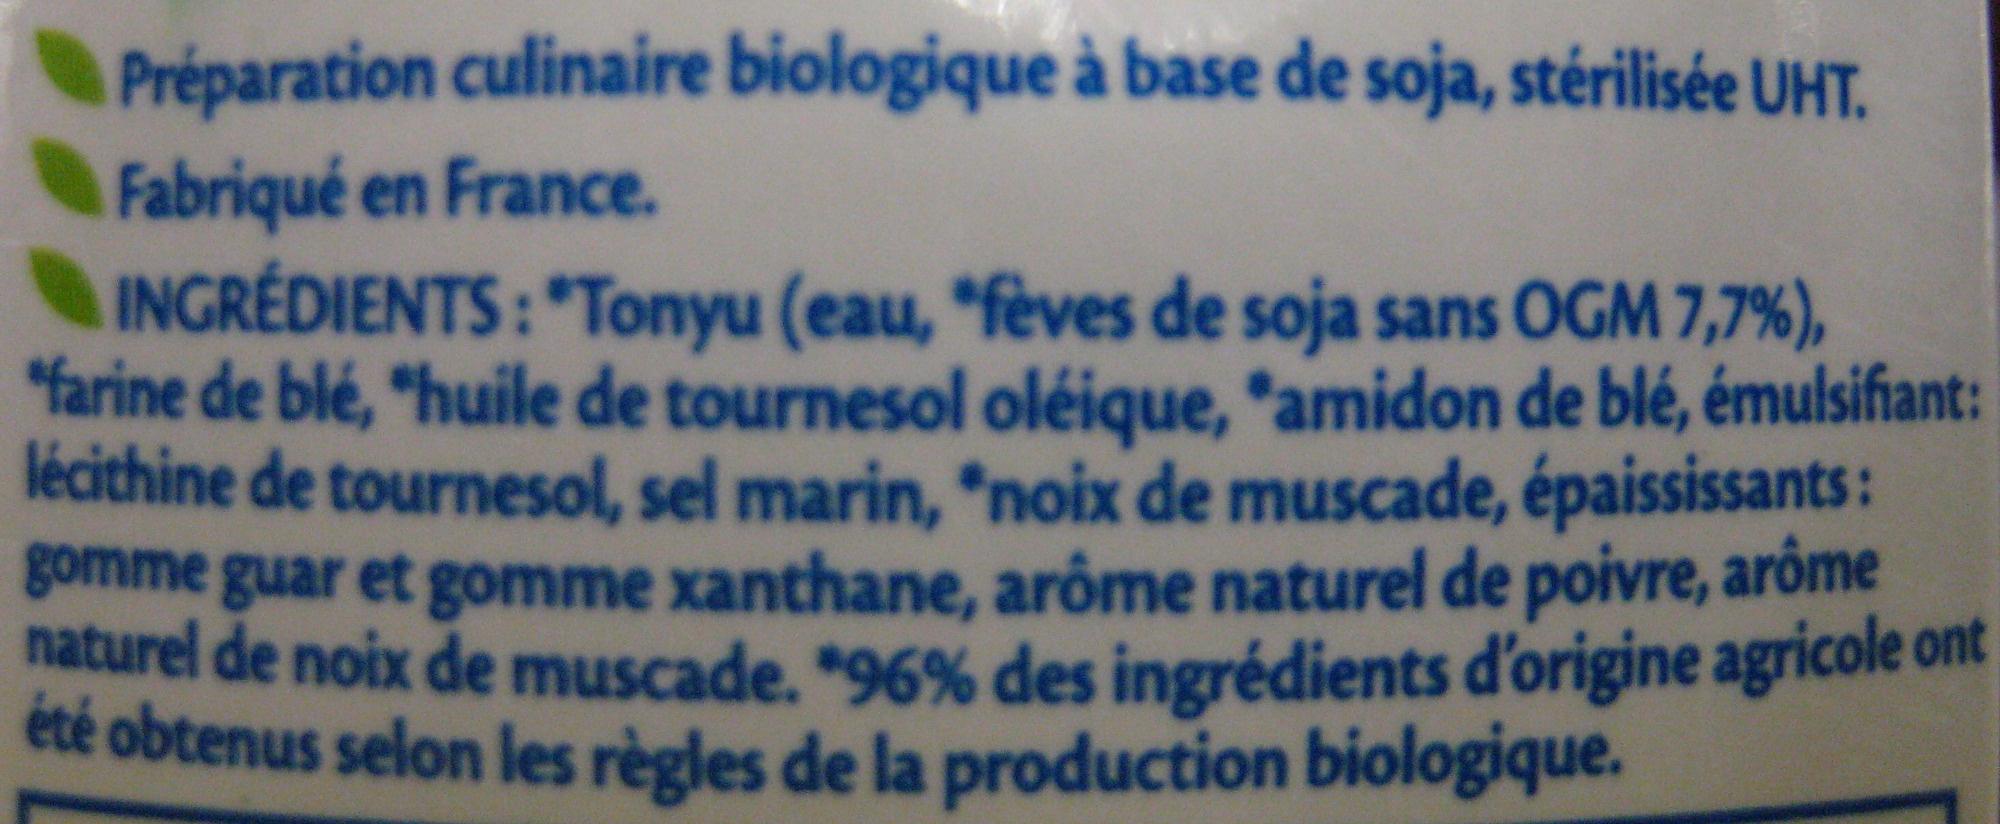 Soja Gratin Bio - Ingredients - fr